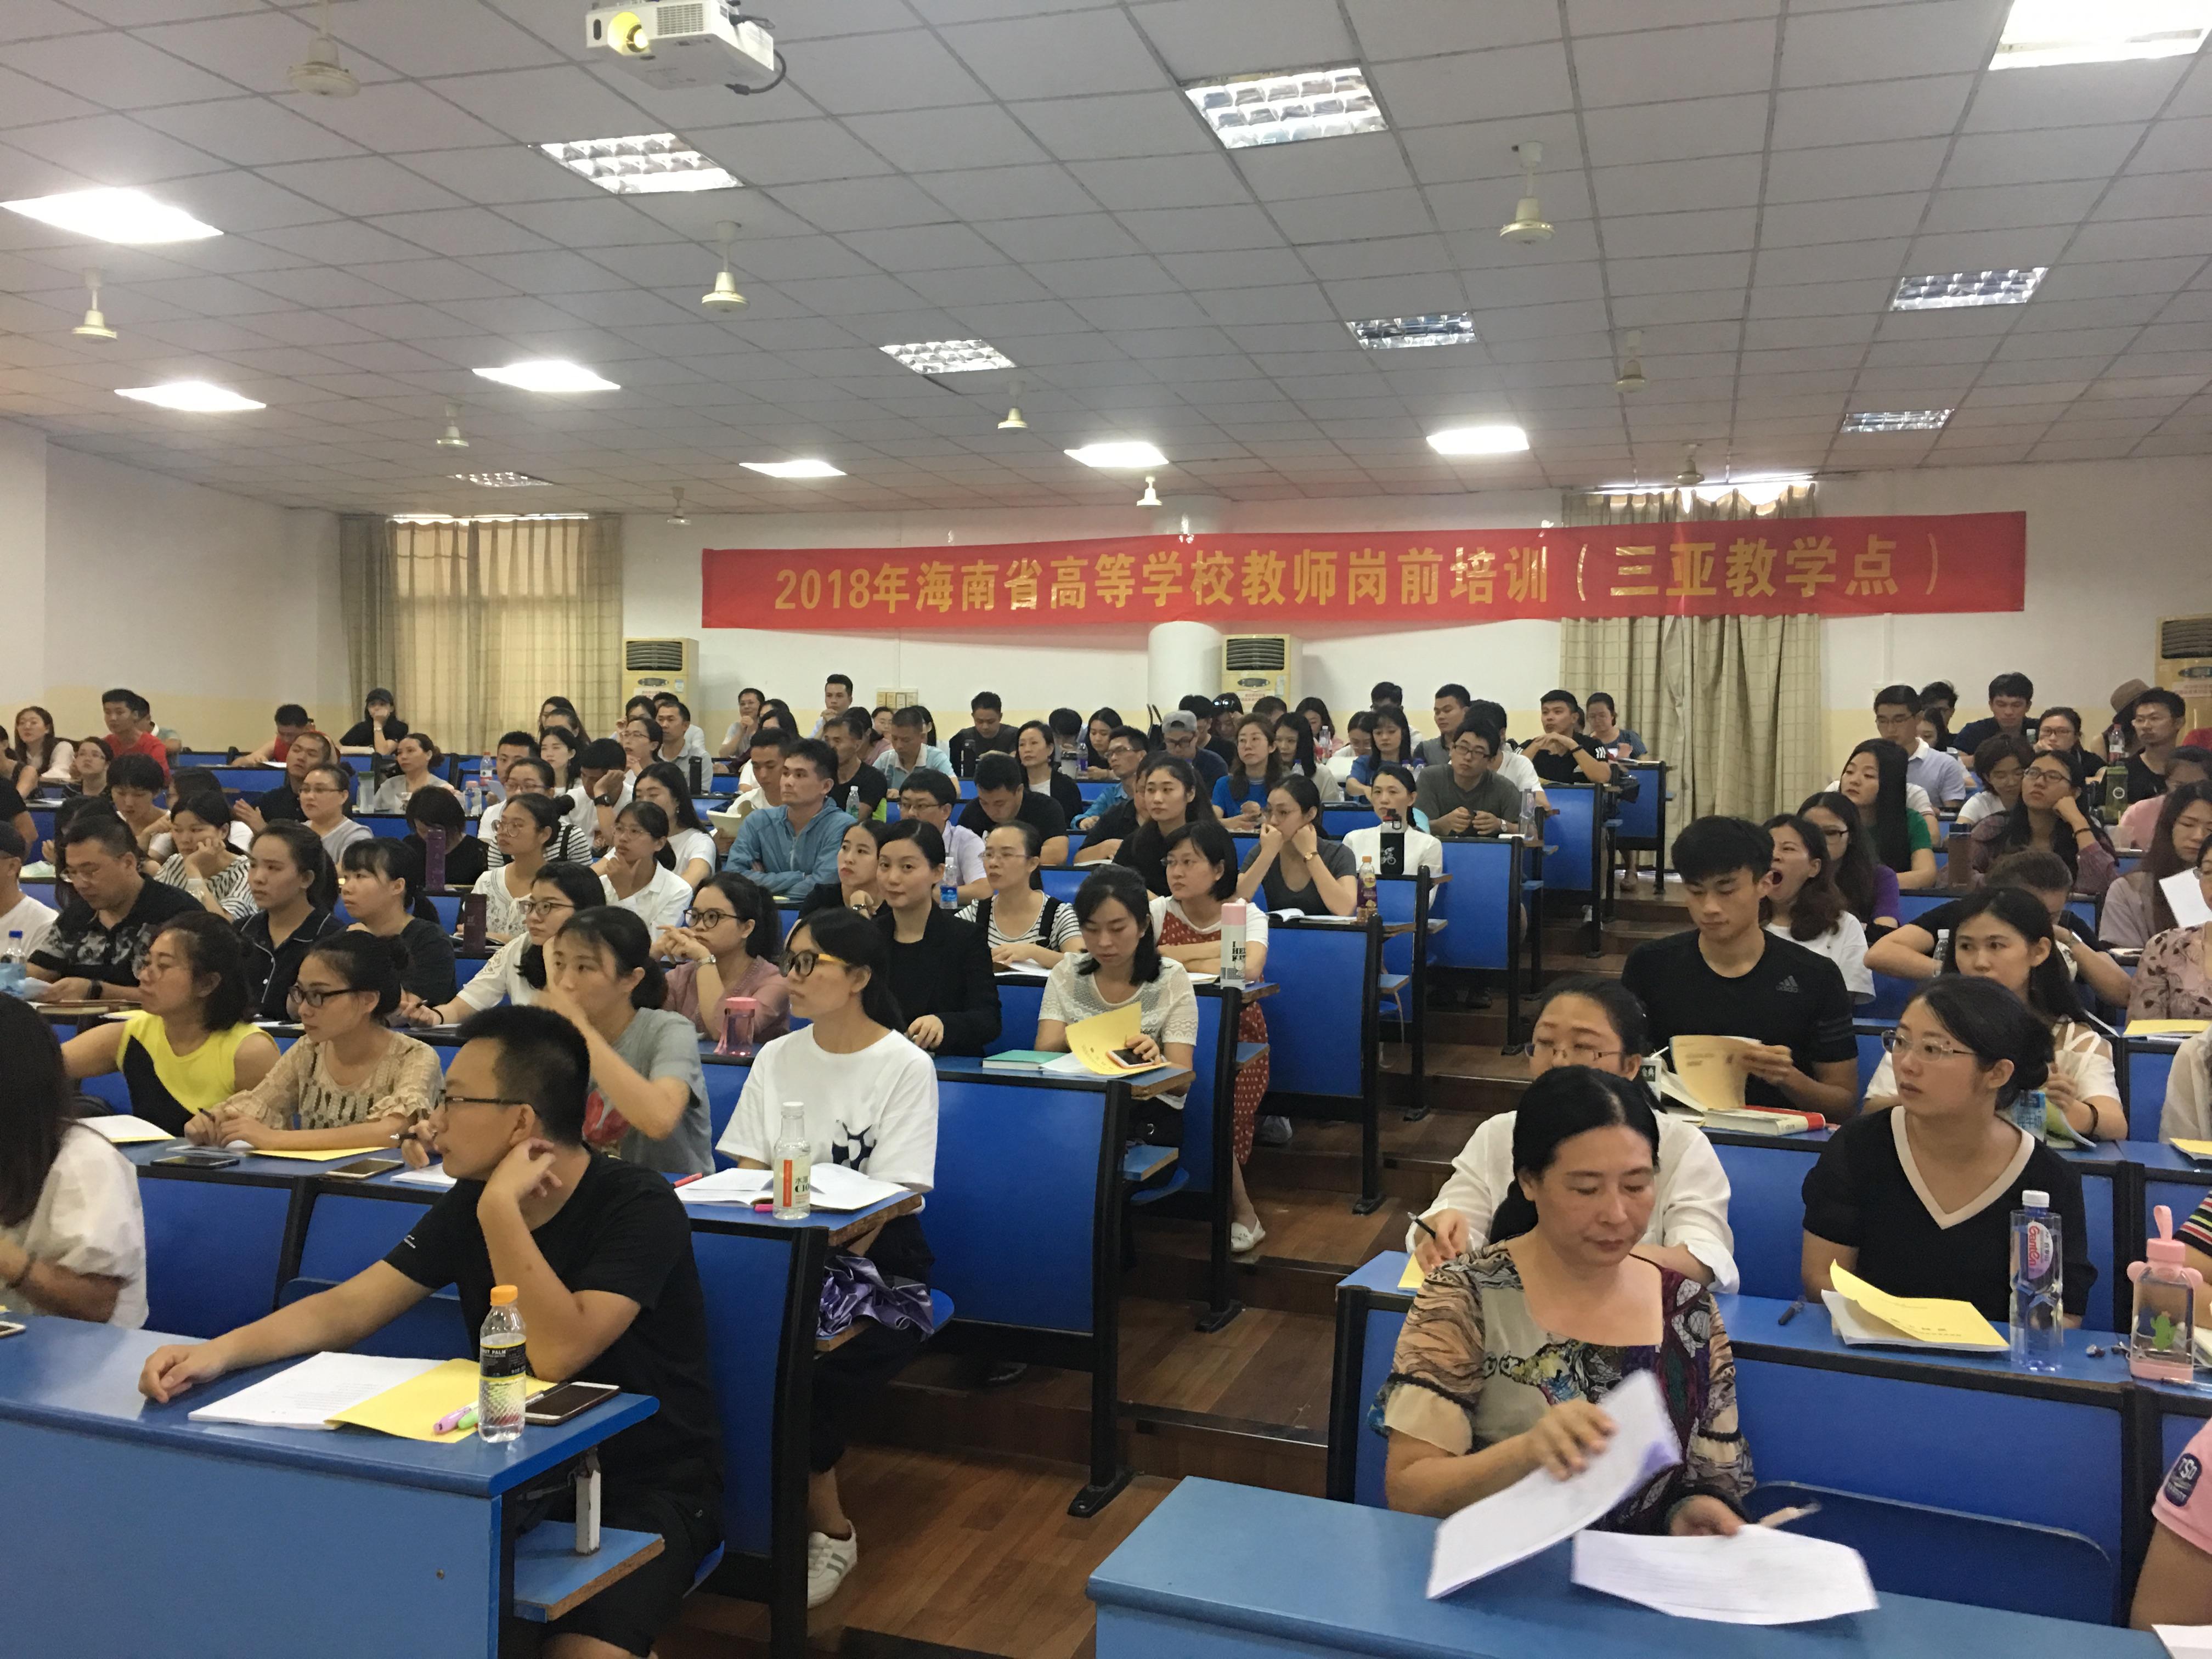 2018年海南省高校教师岗前培训工作正式启动